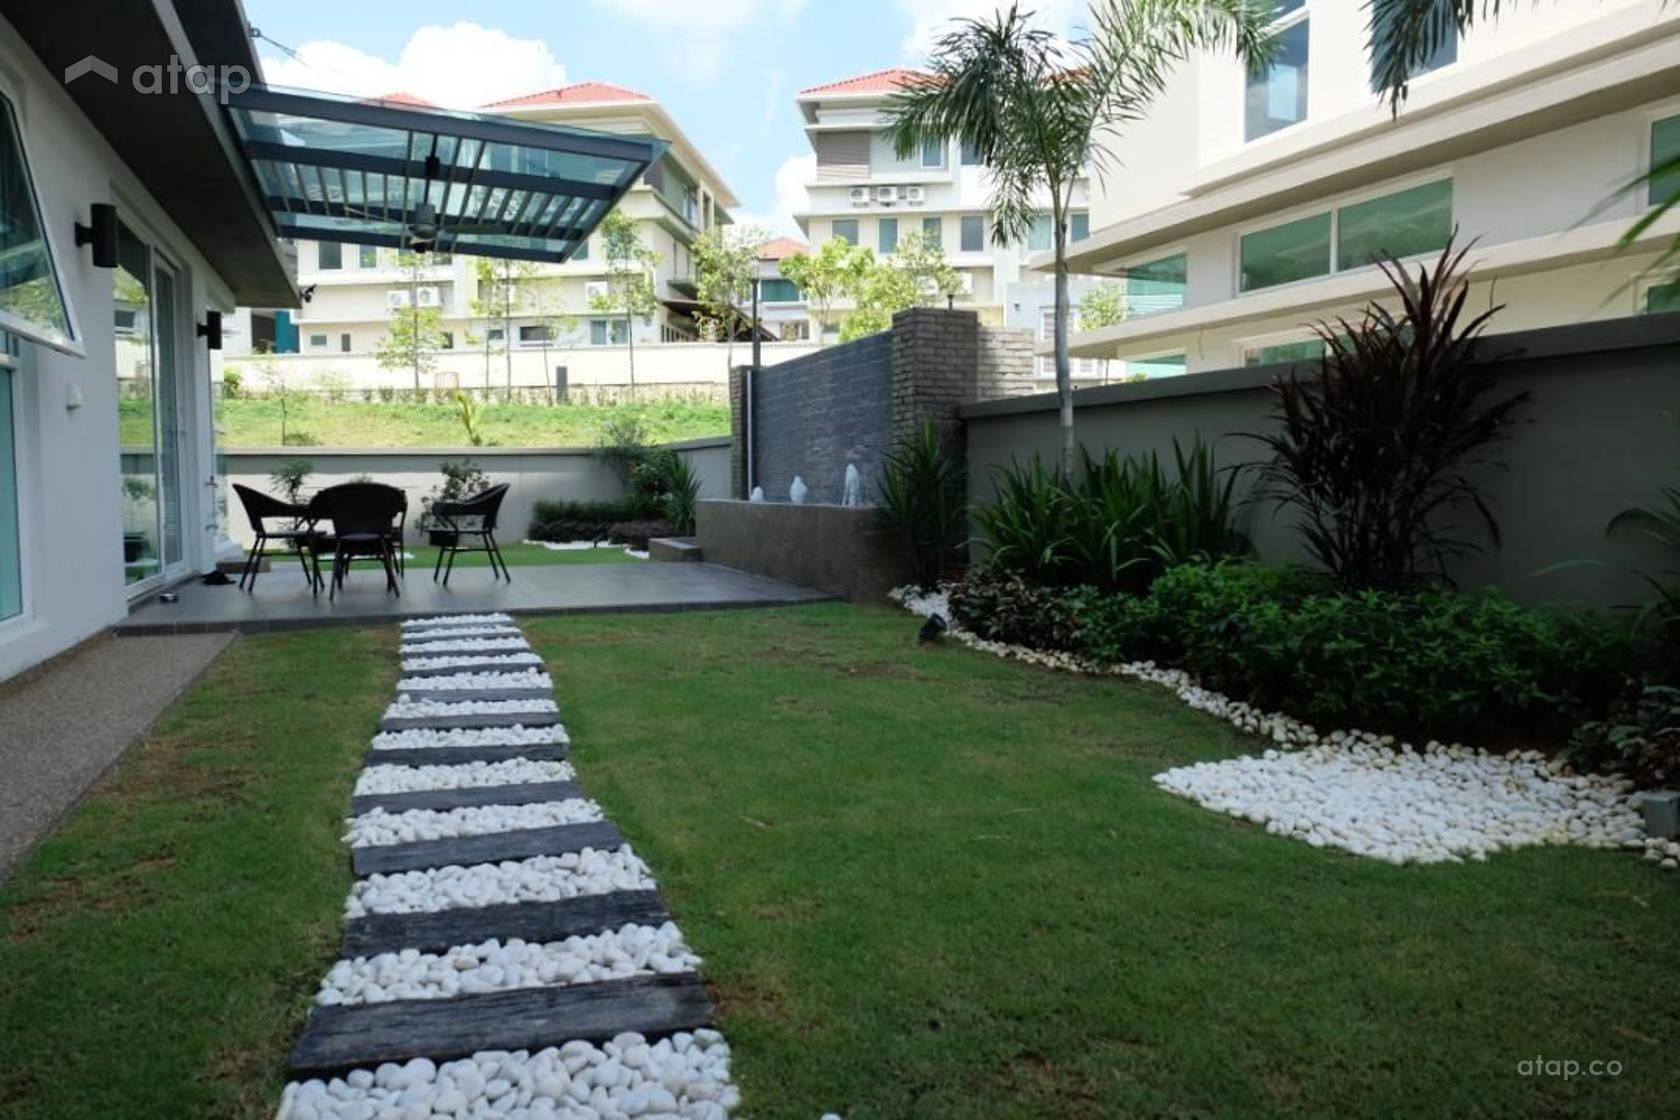 Garden Exterior semi-detached design ideas & photos ...